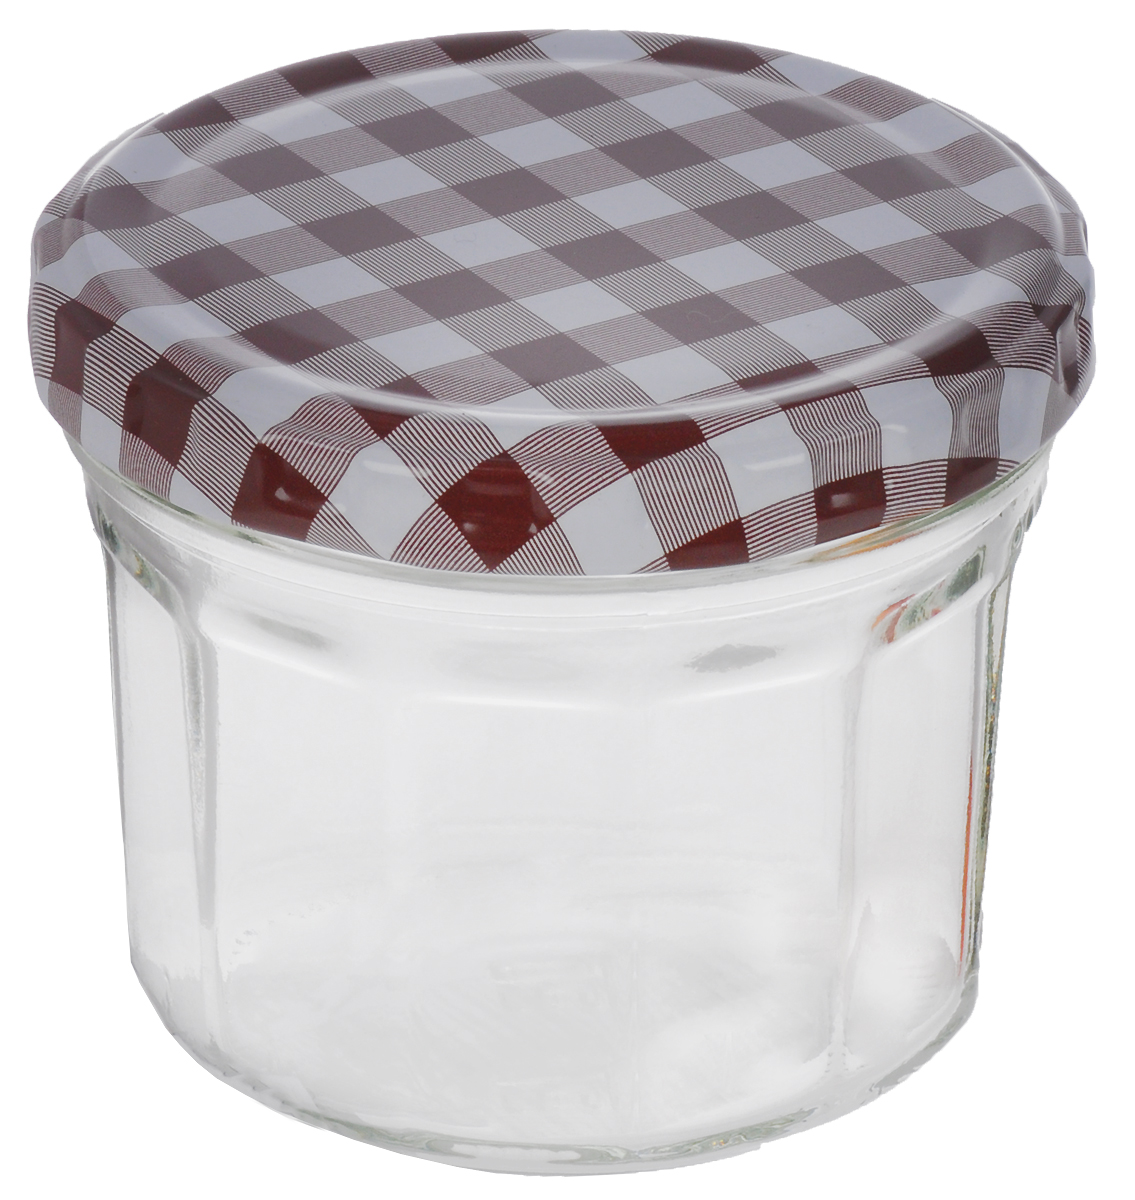 Банка для сыпучих продуктов Einkochwelt Twist, 240 мл170006Банка для сыпучих продуктов Einkochwelt Twist изготовлена из прочного стекла и дополнена металлической крышкой. Такая модель станет незаменимым помощником на любой кухне. В ней будет удобно хранить сыпучие продукты, такие, как чай, кофе, соль, сахар, крупы, макароны и многое другое. Емкость плотно закрывается крышкой, благодаря которой дольше сохраняя аромат и свежесть содержимого. Оригинальная форма и цвет банки позволит ей стать не только полезным изделием, но и украшением интерьера вашей кухни.Объем банки: 240 мл.